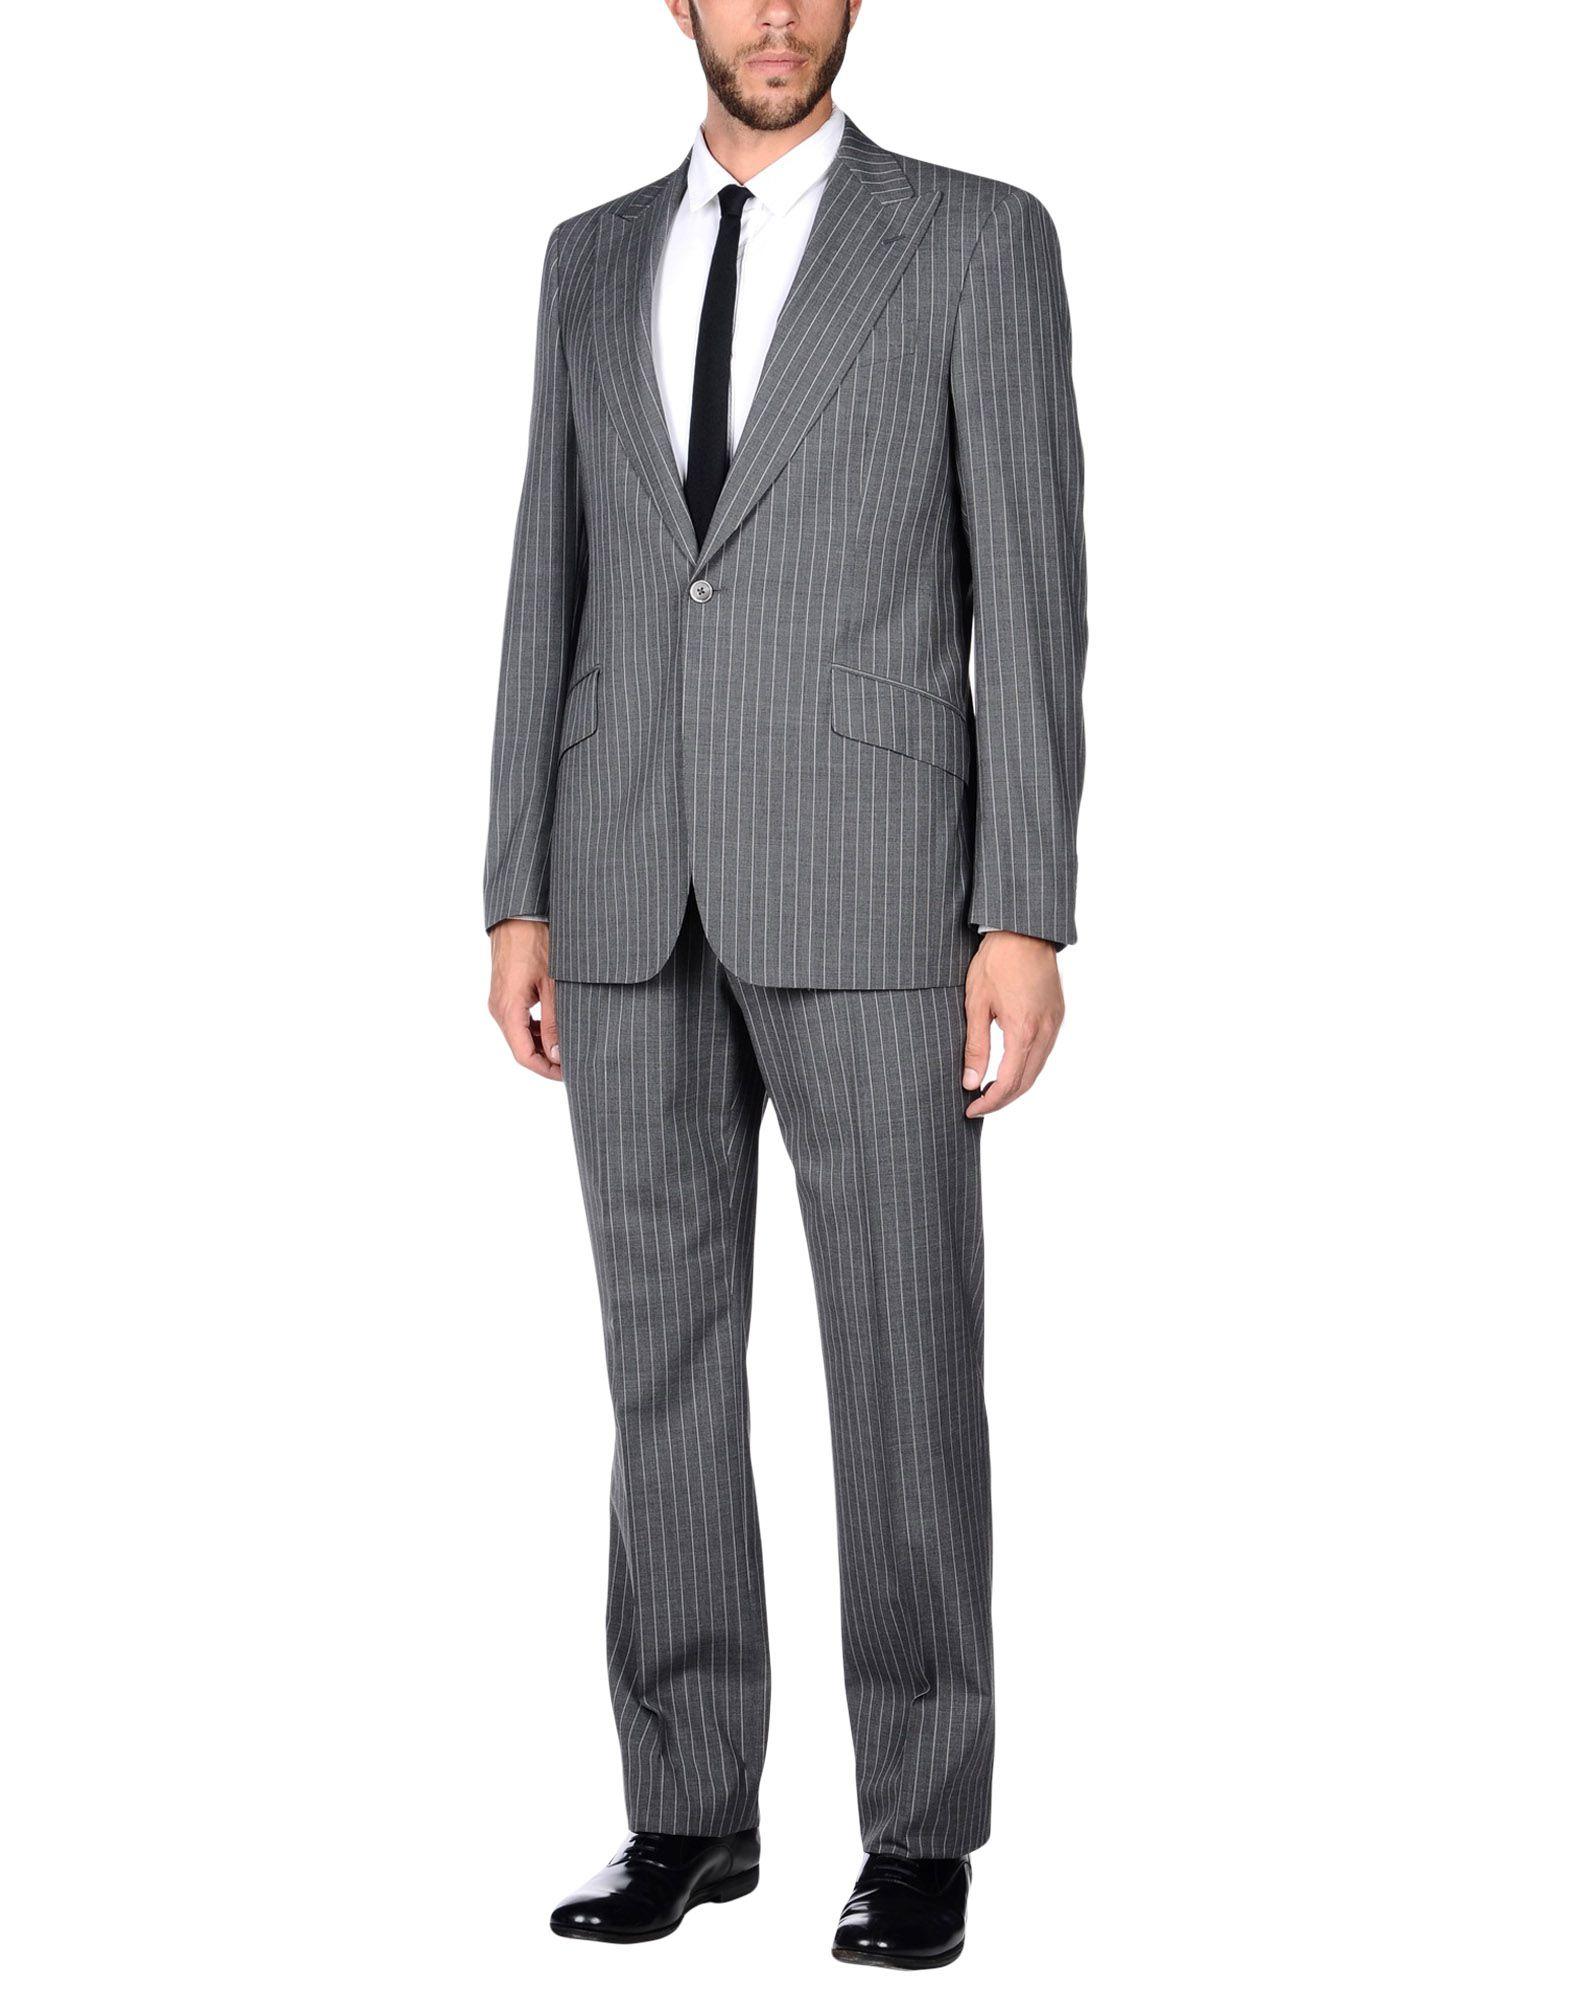 LARDINI Herren Anzug Farbe Grau Größe 5 jetztbilligerkaufen